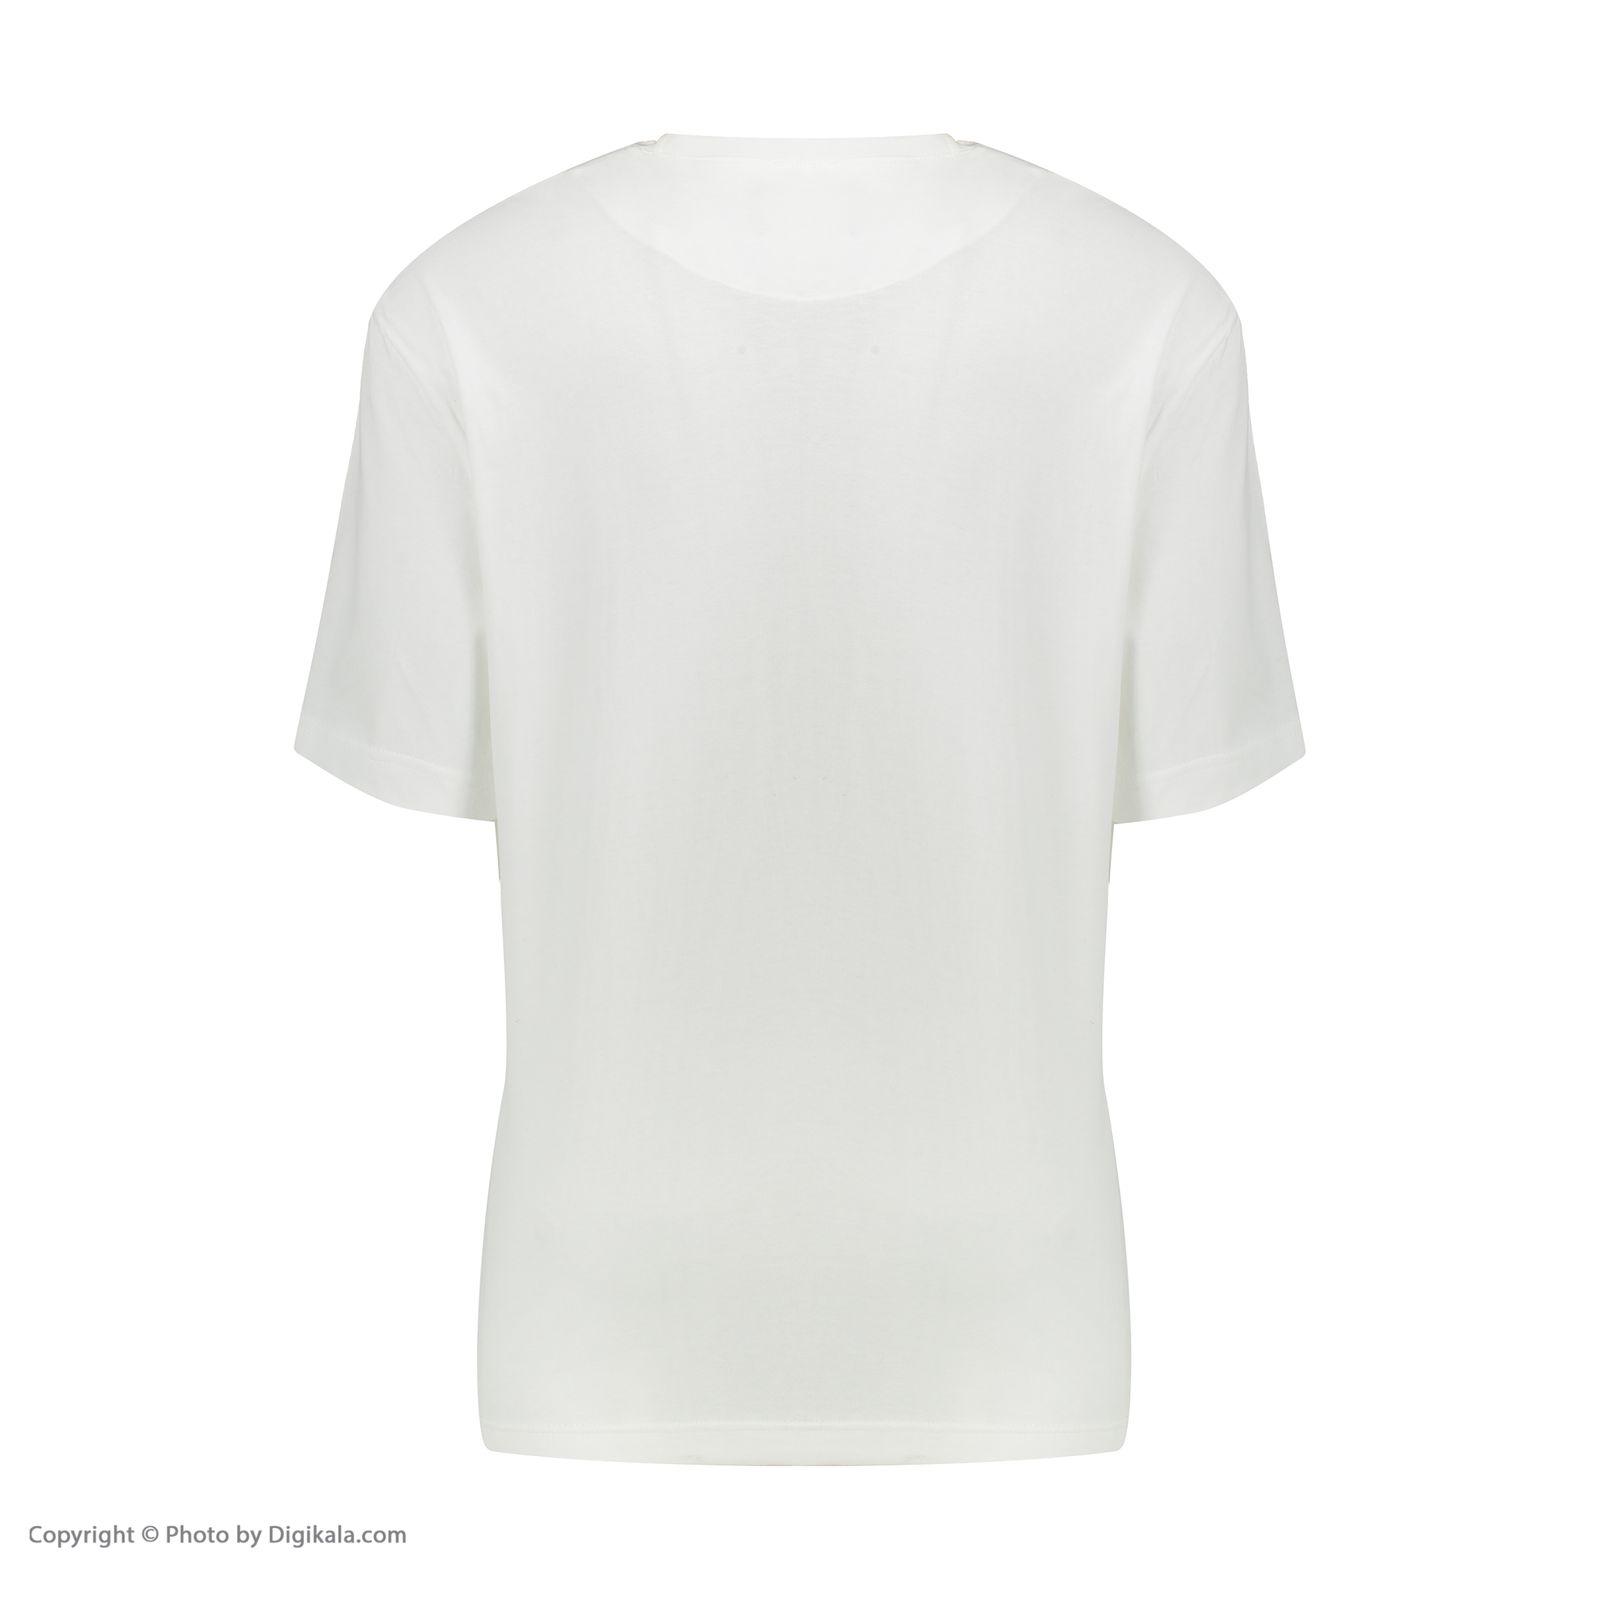 تیشرت آستین کوتاه مردانه گری مدل SEE THROUGH -  - 3